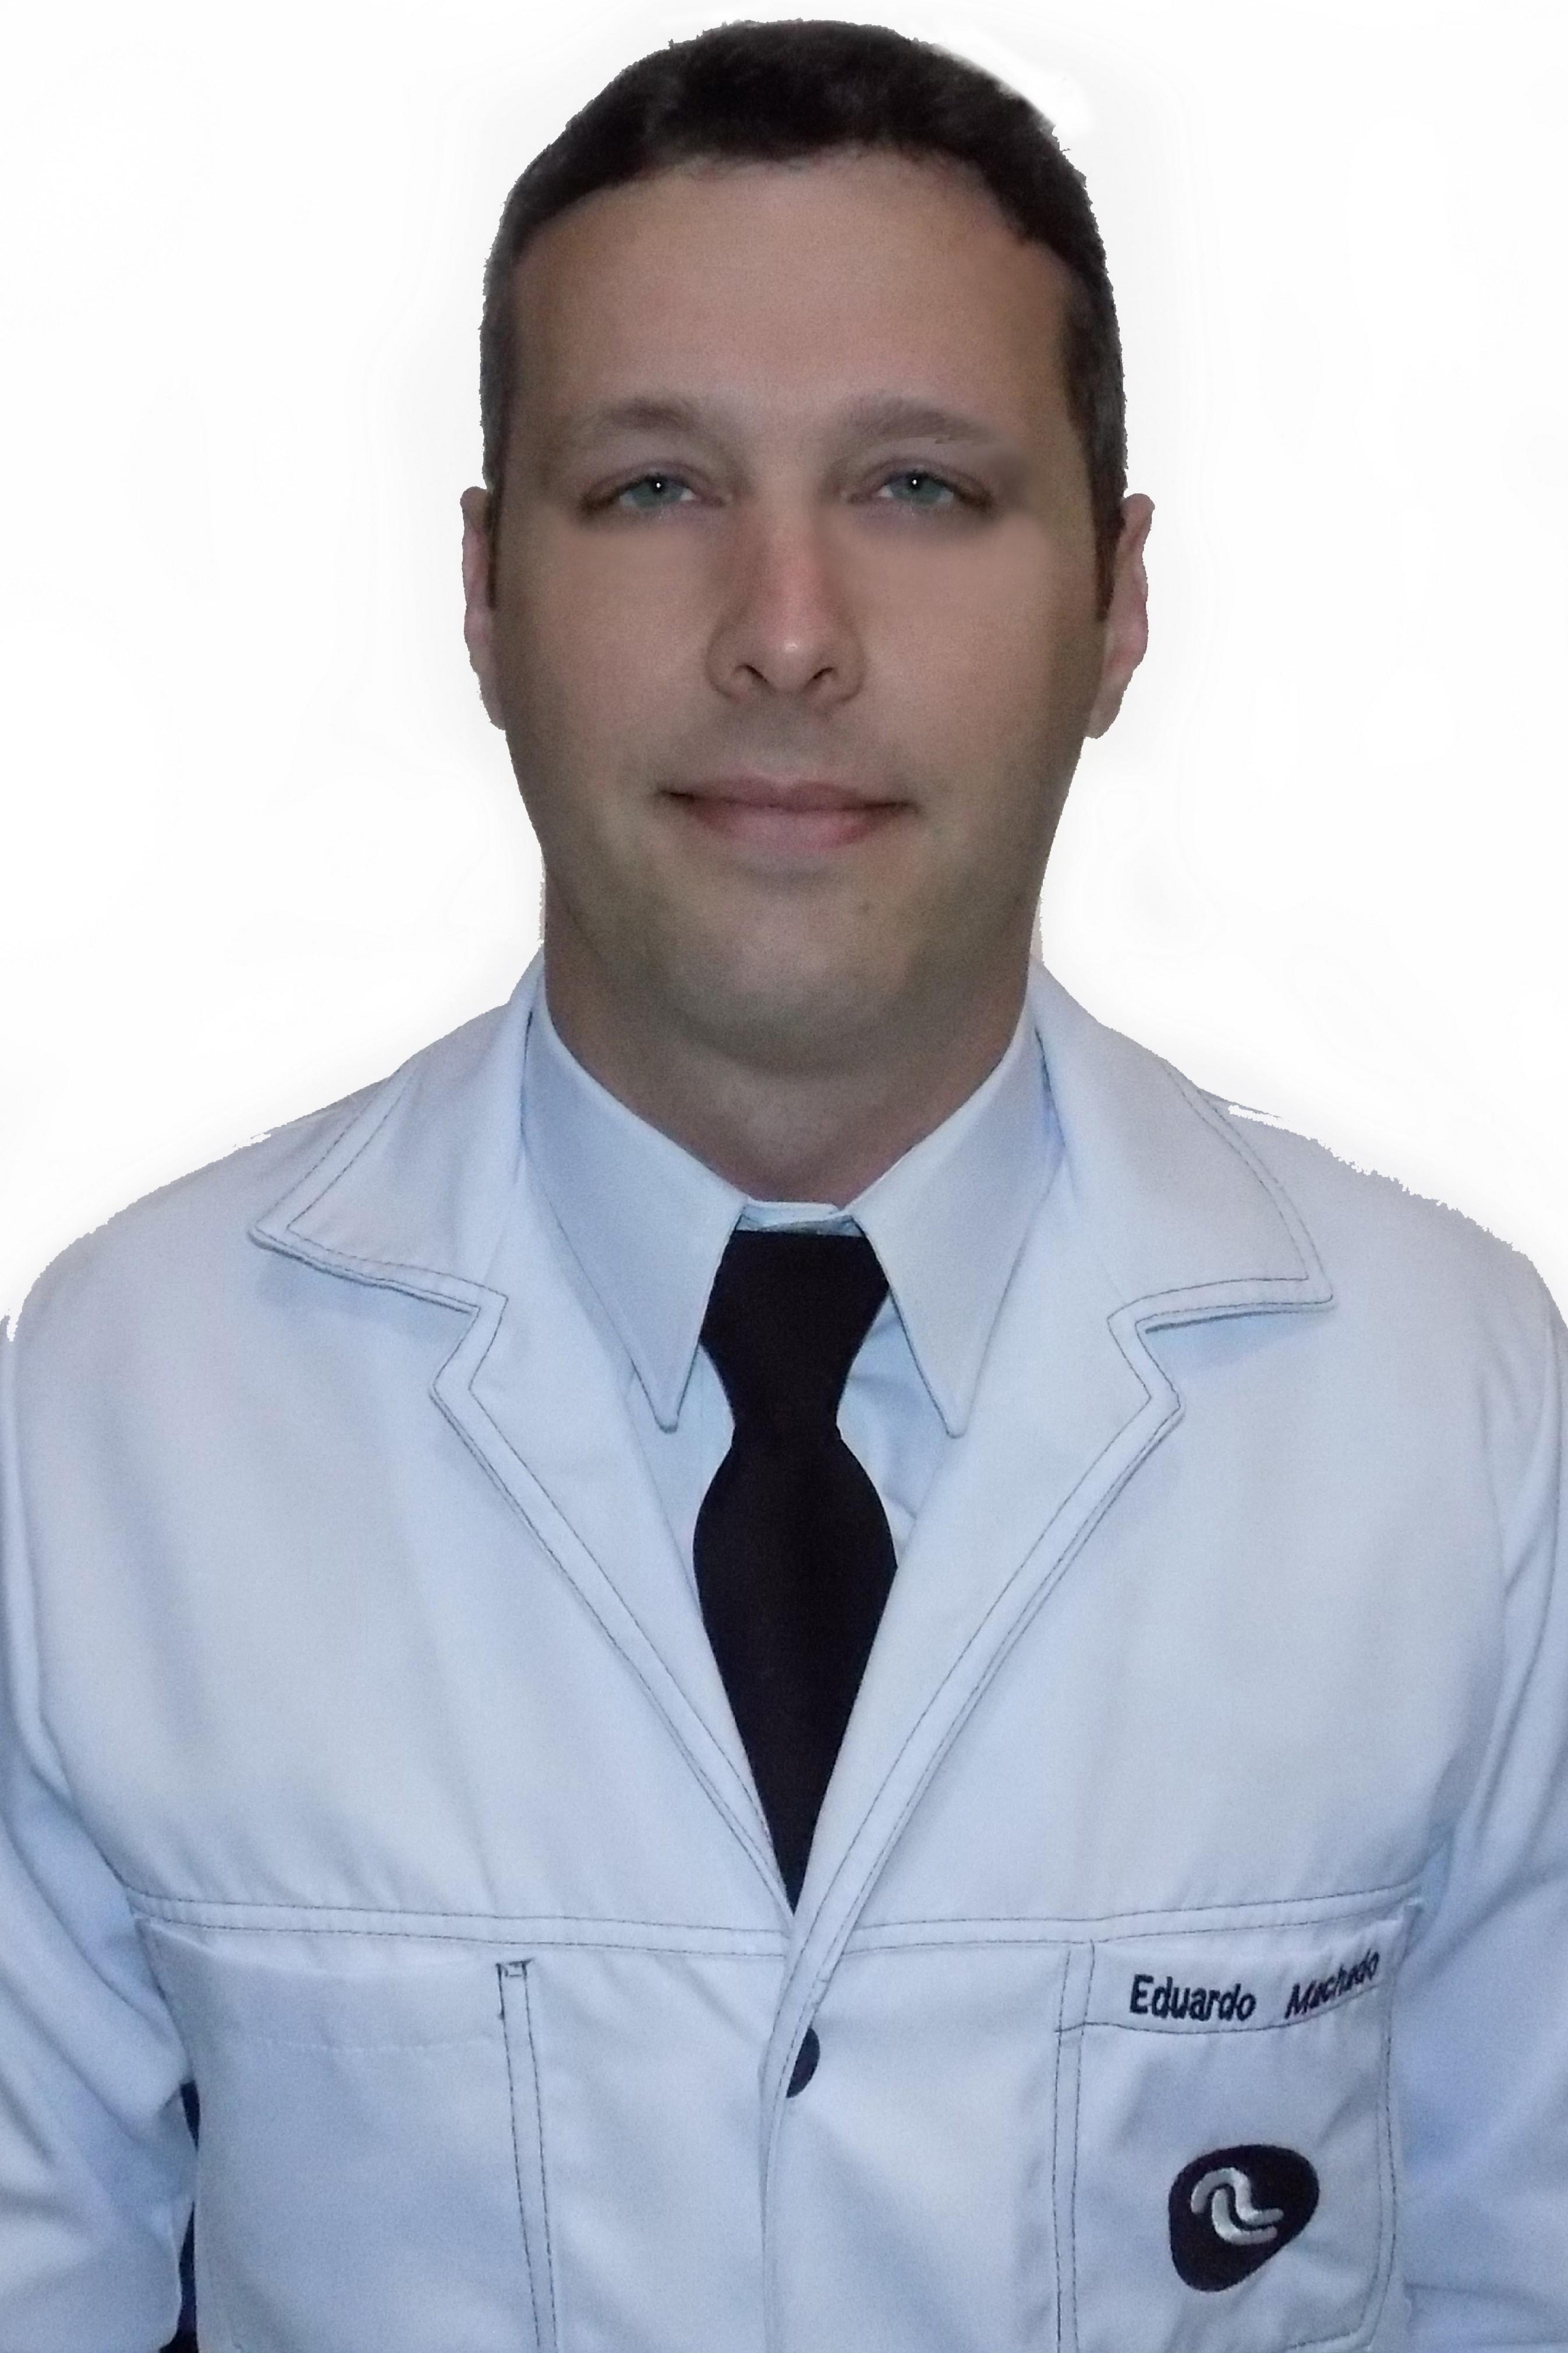 Dr. Eduardo Machado